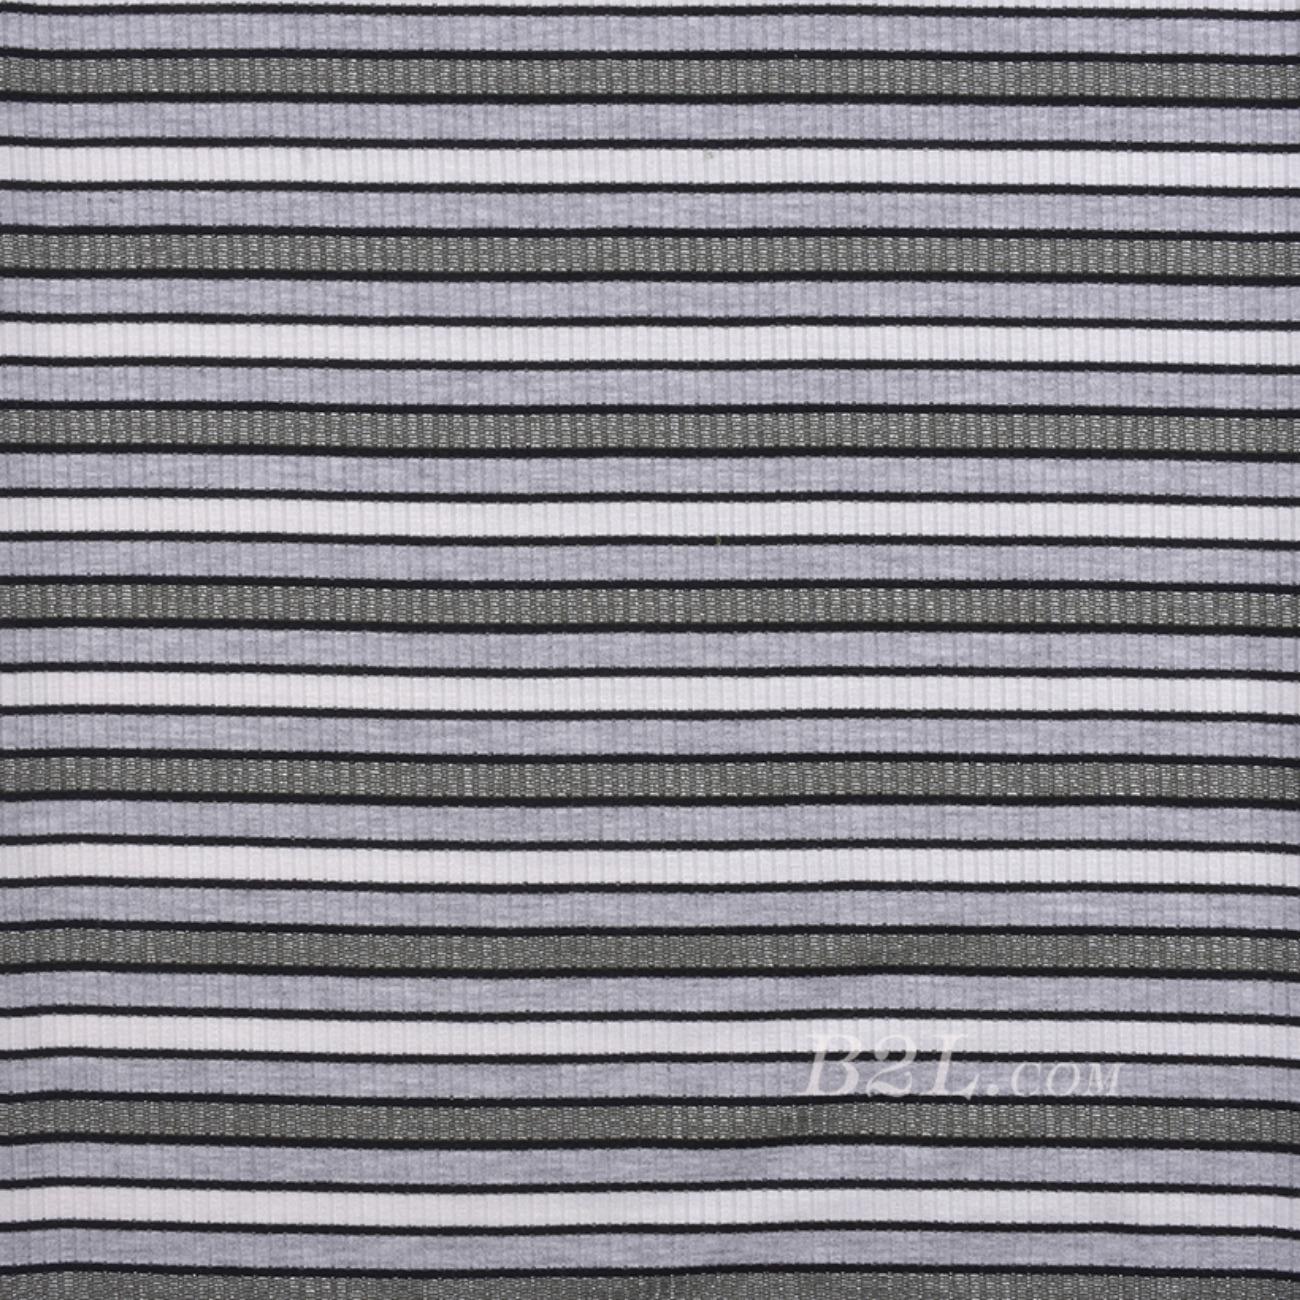 条纹 针织 横条 金属丝 高弹 棉感 春秋 T恤 针织衫 连衣裙 80905-27